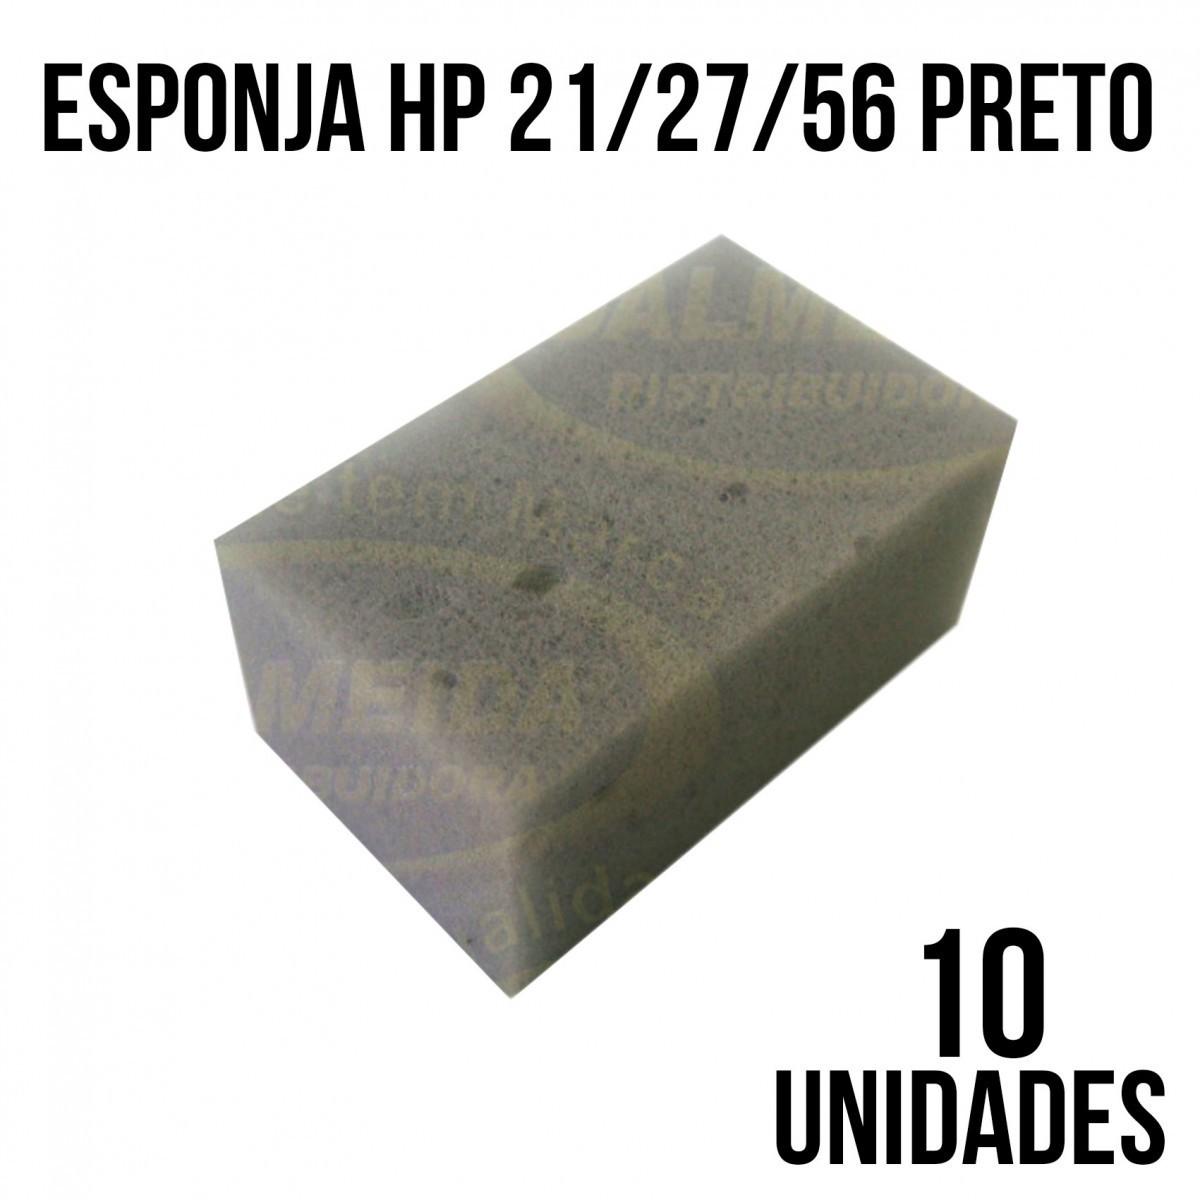 ESPONJA HP 21/27/56 PRETO - COM 10 UNIDADES